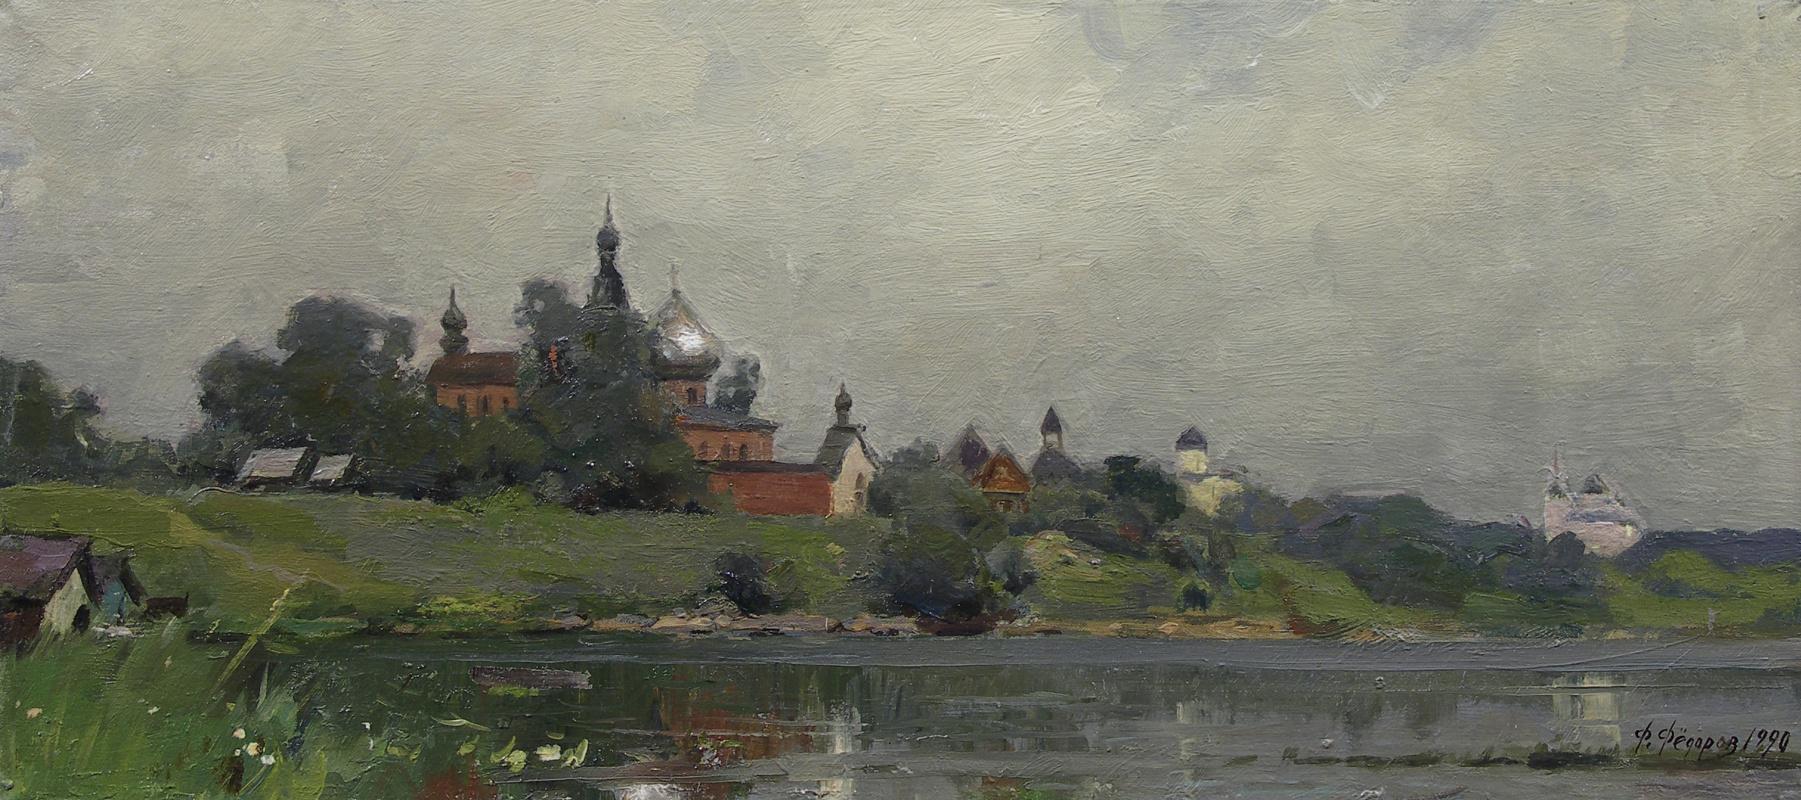 Фёдор Борисович Фёдоров. Old Lpdoga